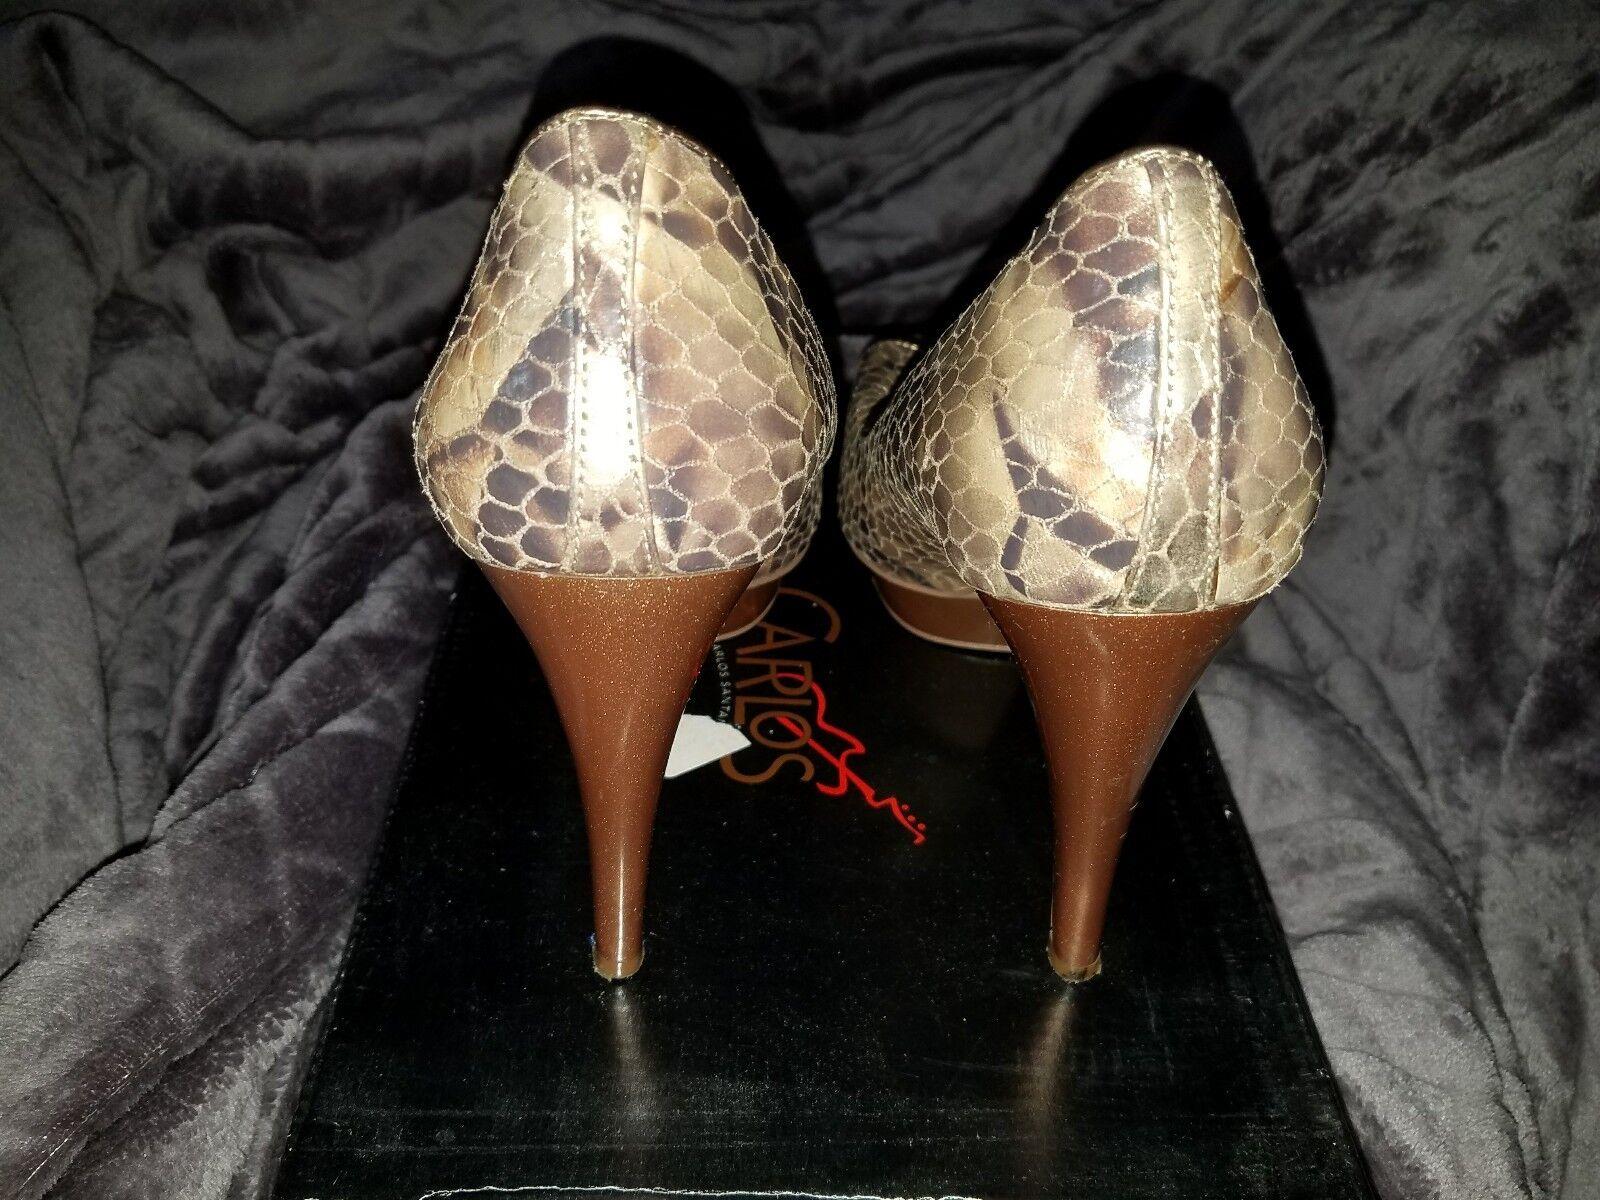 Carlos by Carlos Santana Sexy Peep Toe Platform Platform Platform Pumps - Women's Size 9M, gold b90c64